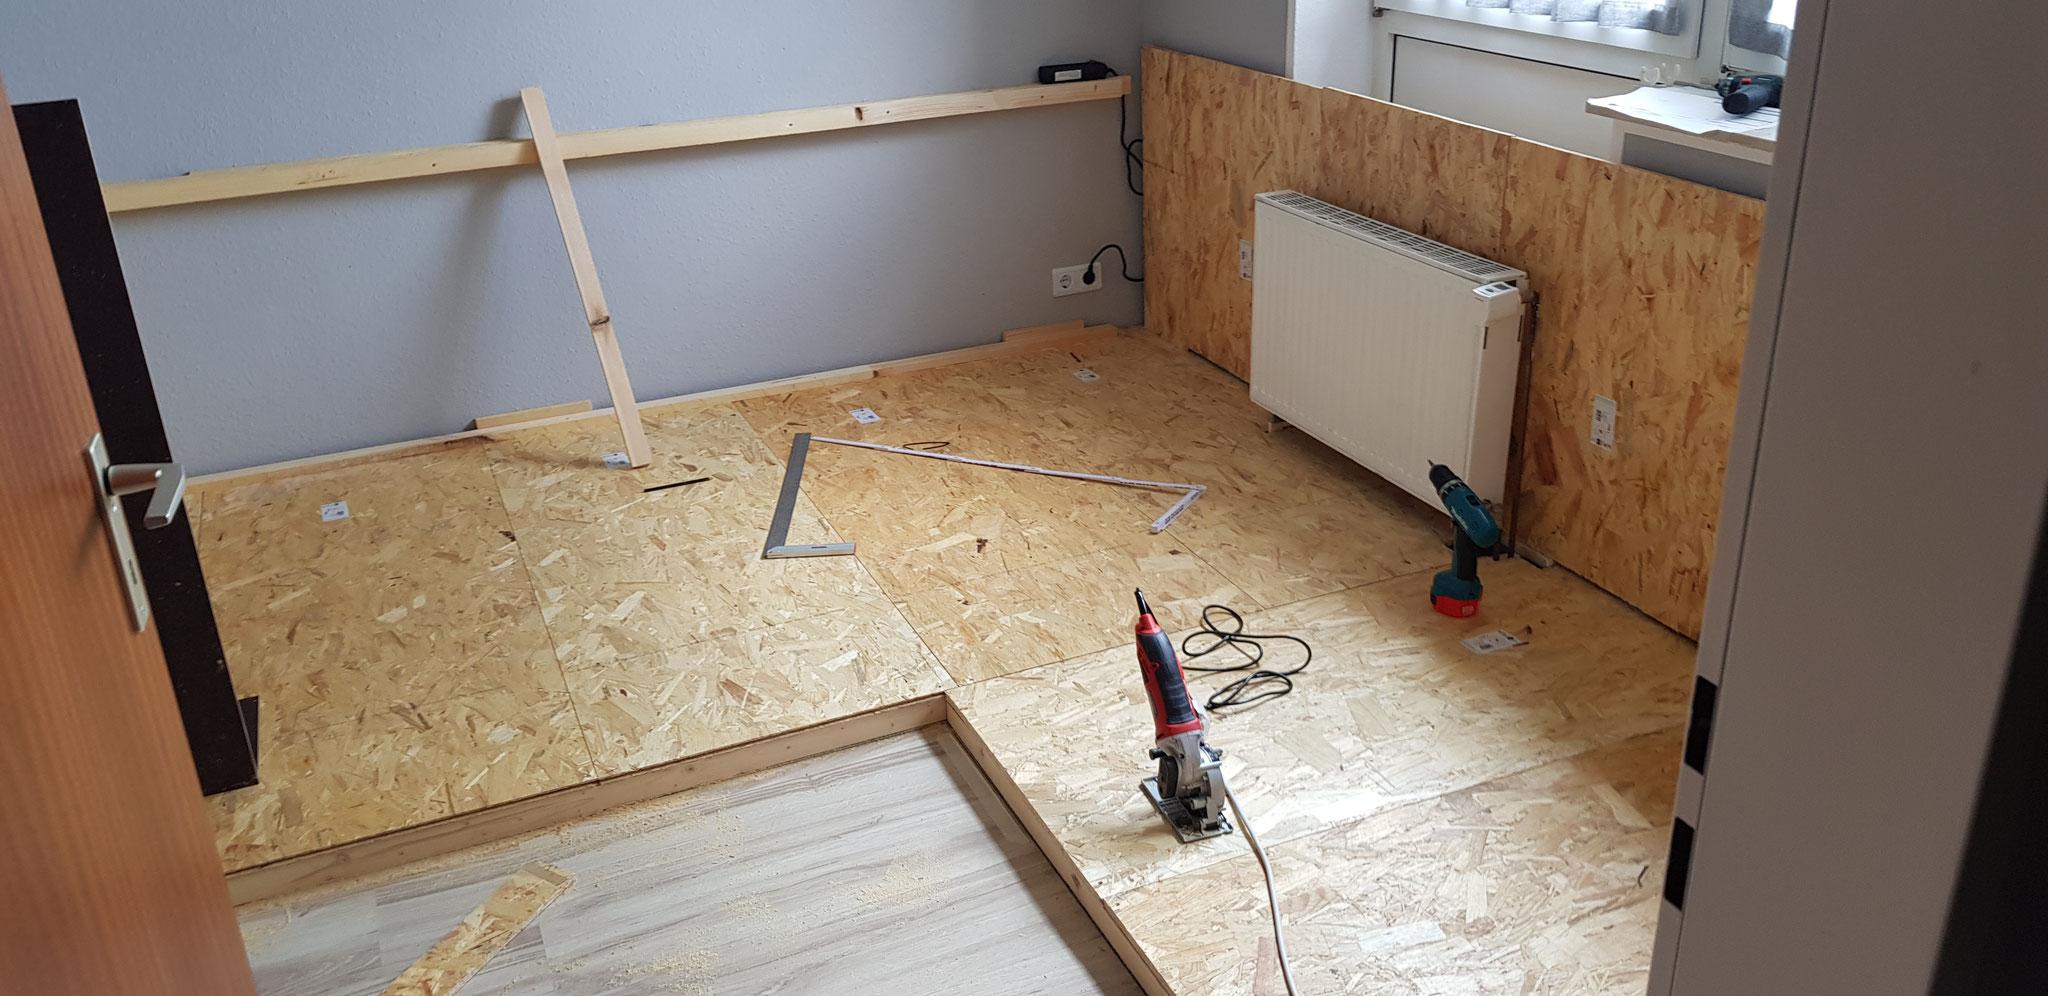 Bau des Innengeheges von Marina & Patrick mit Holzkonstruktion auf dem Boden und an der Wand